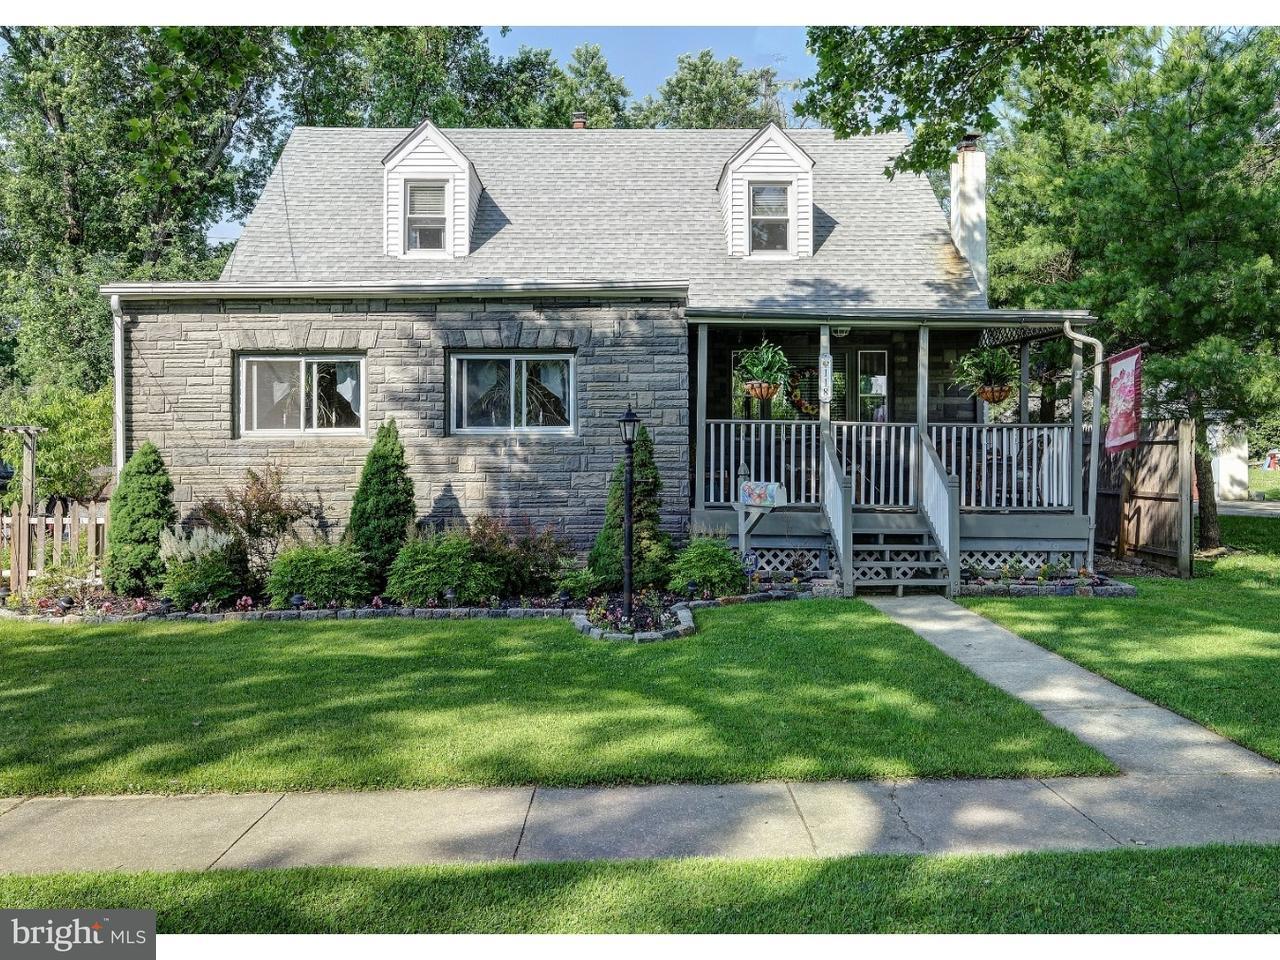 Частный односемейный дом для того Продажа на 118 2ND Avenue Barrington, Нью-Джерси 08007 Соединенные Штаты